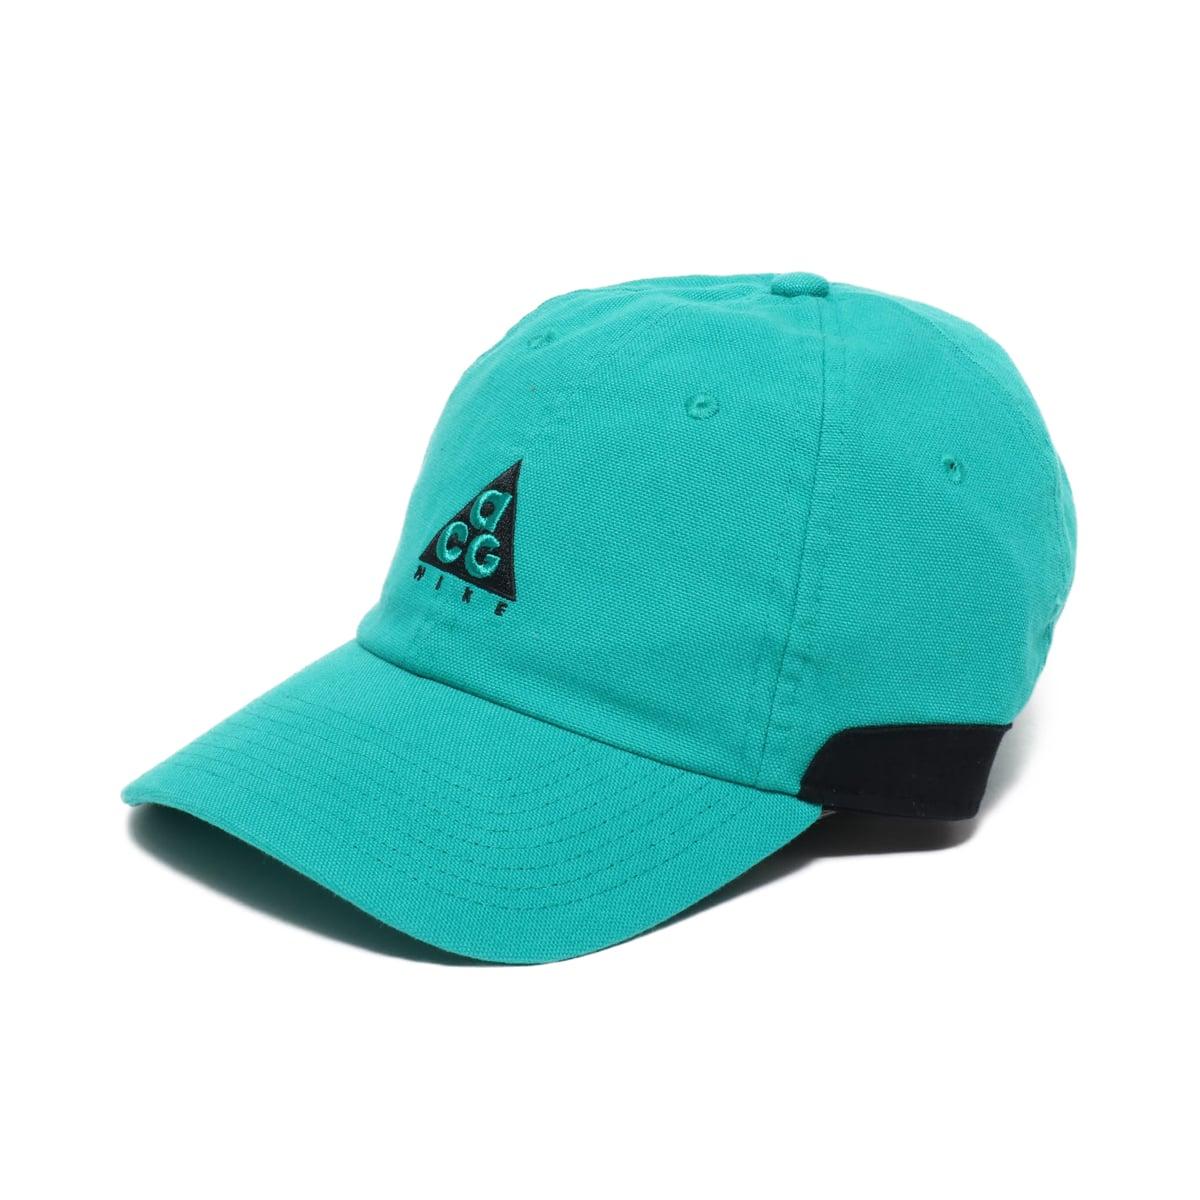 Nike U Nrg H86 Cap Acg Qs Neptune Green Black 19fa S